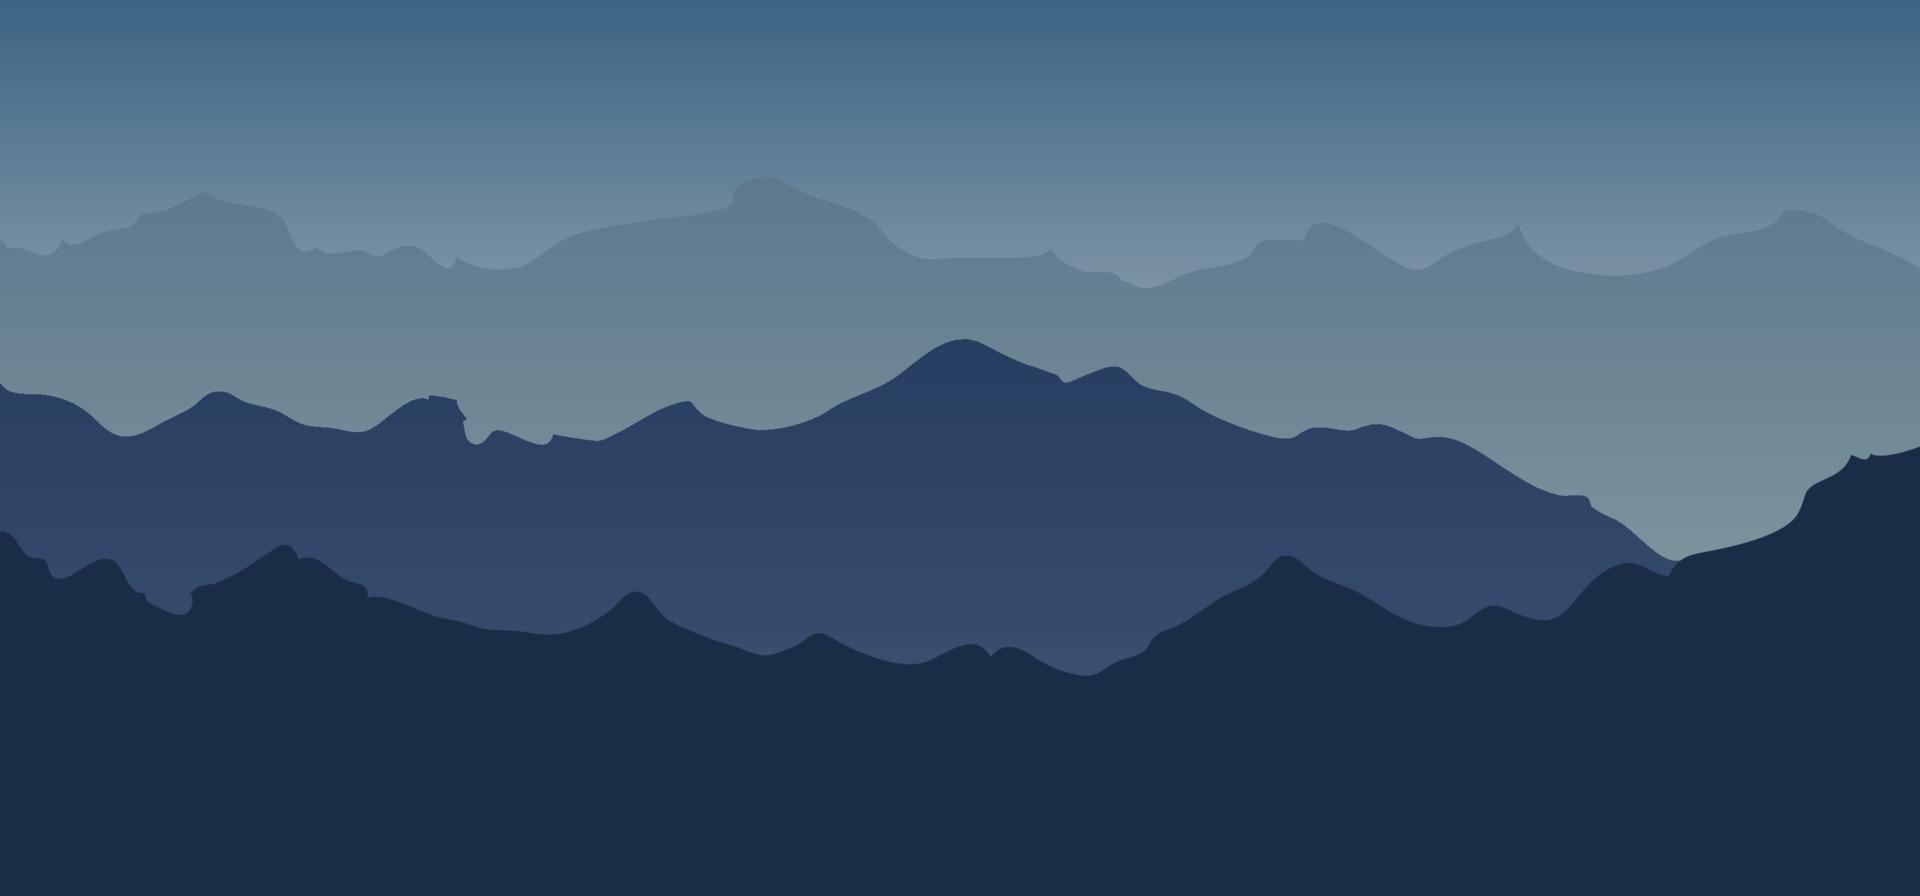 berg landskap visa blå ton silhuett bakgrund. vektor